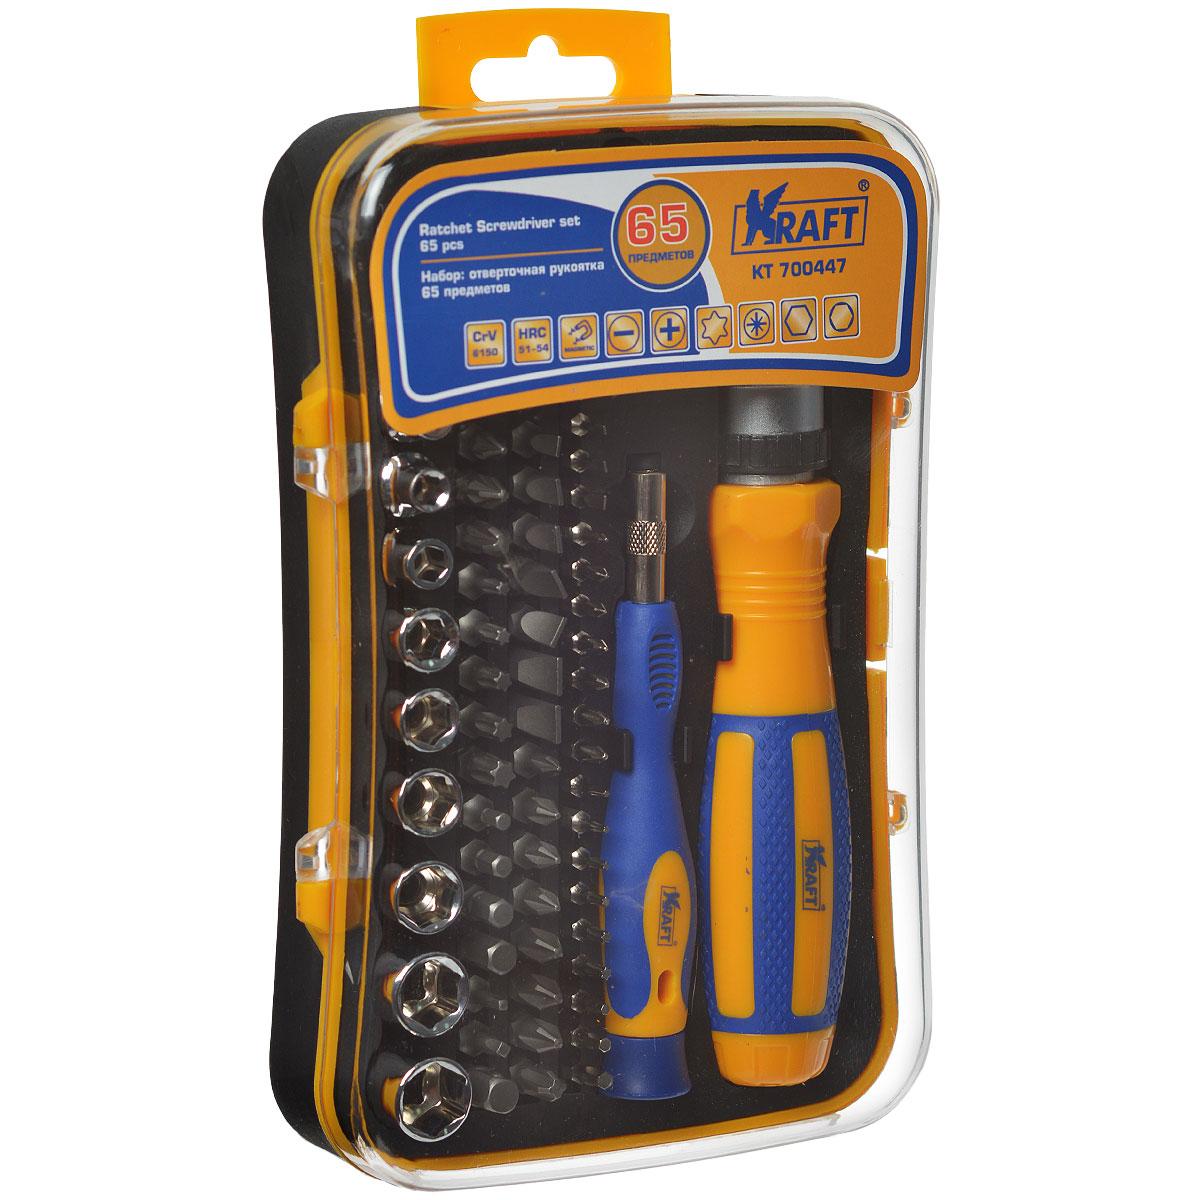 Набор инструментов Kraft Professional, 65 предметовКТ700447Набор инструментов Kraft Professional предназначен для обслуживания резьбовых соединений в широком диапазоне размеров. Все инструменты в наборе выполнены из высококачественной хромованадиевой стали. Твердость по Роквеллу составляет 51-54 HRc. В комплекте пластиковый футляр для хранения. Состав набора: Рукоятка реверсивная. Биты шлицевые: 3 мм, 4 мм, 2 х 5 мм, 2 х 6 мм, 2 х 7 мм. Биты Philips: PH0, 3 x PH1, 3 x PH2, PH3. Биты Pozidriv: PZ0, PZ1, PZ2, PZ3. Биты Torx: T10, T15, T20, T25, T30. Биты Hex: H3, H4, H5, H6. Биты четырехгранные: S0, S1. Переходник: 25 мм. Биты для точных работ шлицевые: 1 мм, 1,5 мм, 2 мм, 2,5 мм. Биты для точных работ Philips: PH000, 2 x PH00, 2 x PH0, 2 x PH1. Биты для точных работ Torx: T4, T5, T6, T7, T8, T9. Биты для точных работ Hex: H2, H2,5, H3. Торцевые головки 1/4: 4 мм, 5 мм, 6 мм, 7 мм, 8 мм, 9 мм, 10 мм, 11 мм, 12 мм. Держатель намагниченный для точных работ. Драйвер для бит.